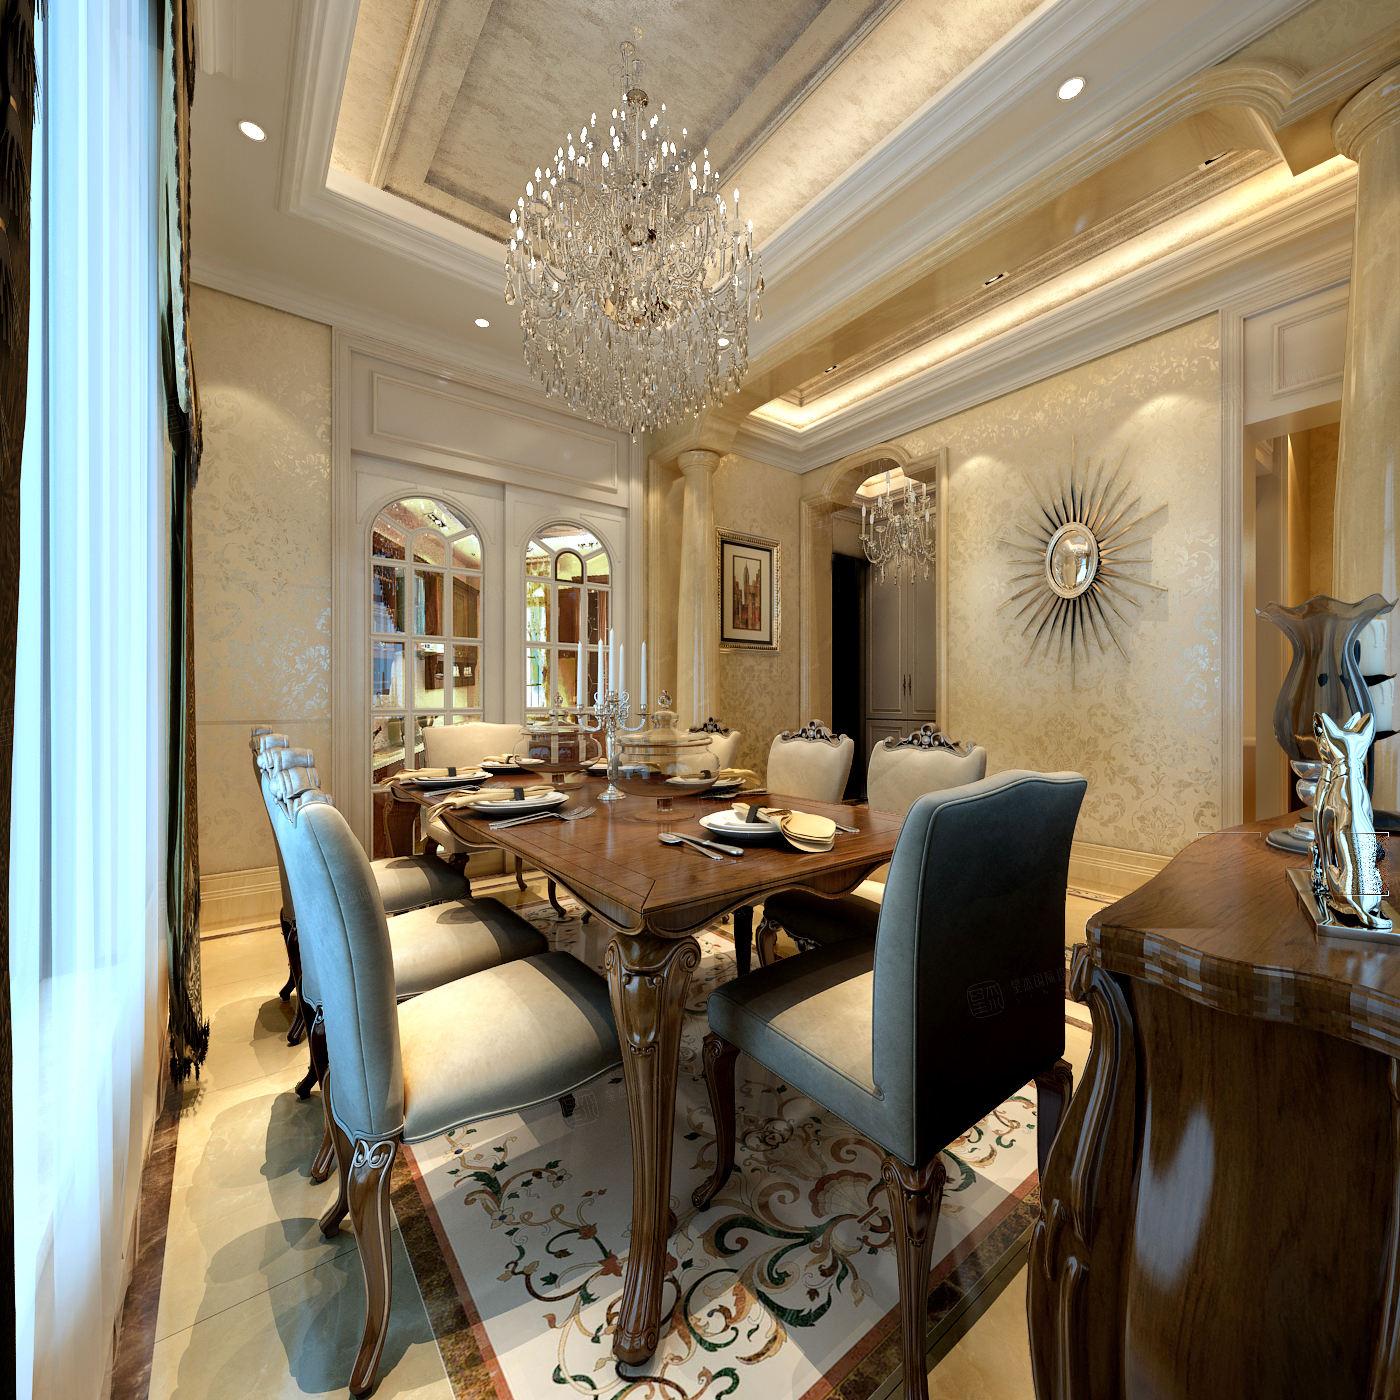 海上纳堤 简欧装修餐厅效果图